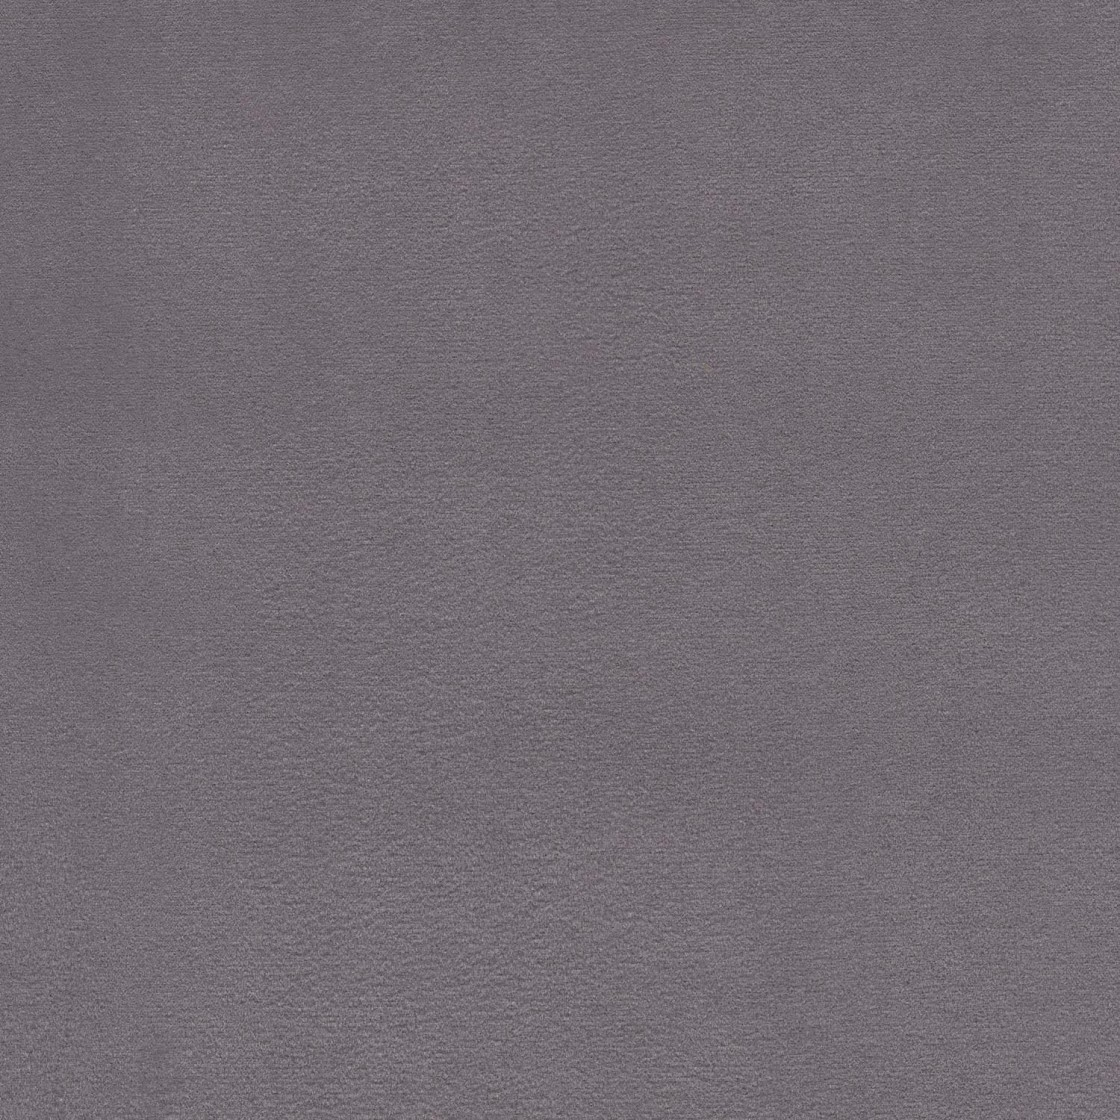 Micromousse - Textile à doublure - Microfibre sur mousse, 4 coloris